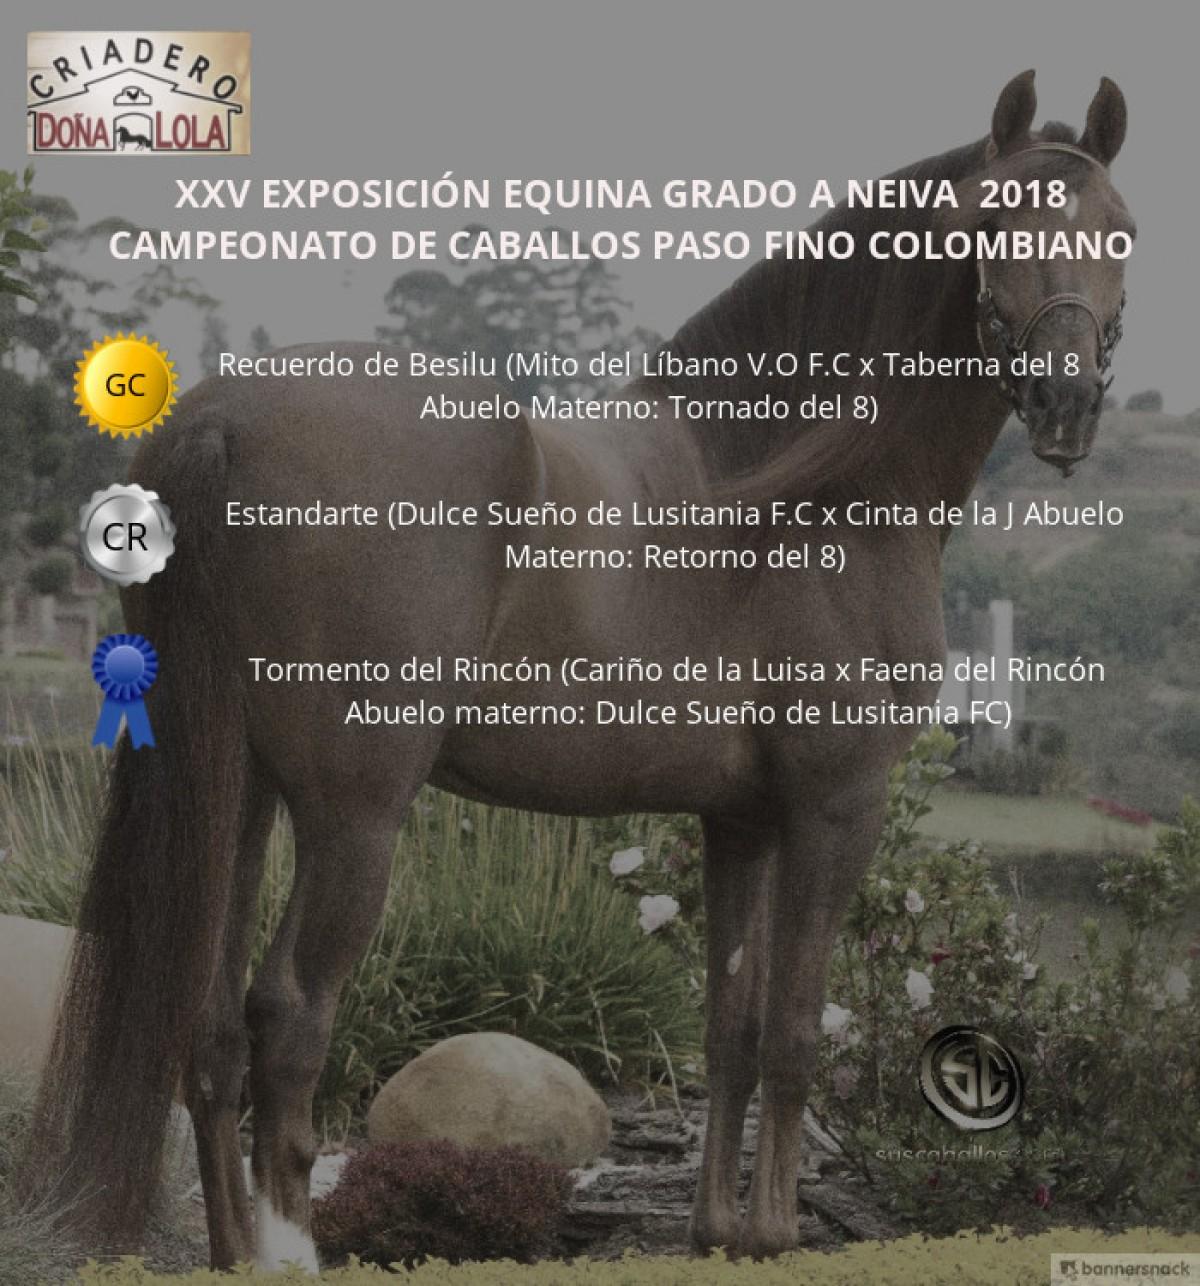 VÍDEO: Recuerdo Campeón, Estandarte Reservado, Paso Fino Colombiano - Neiva 2018